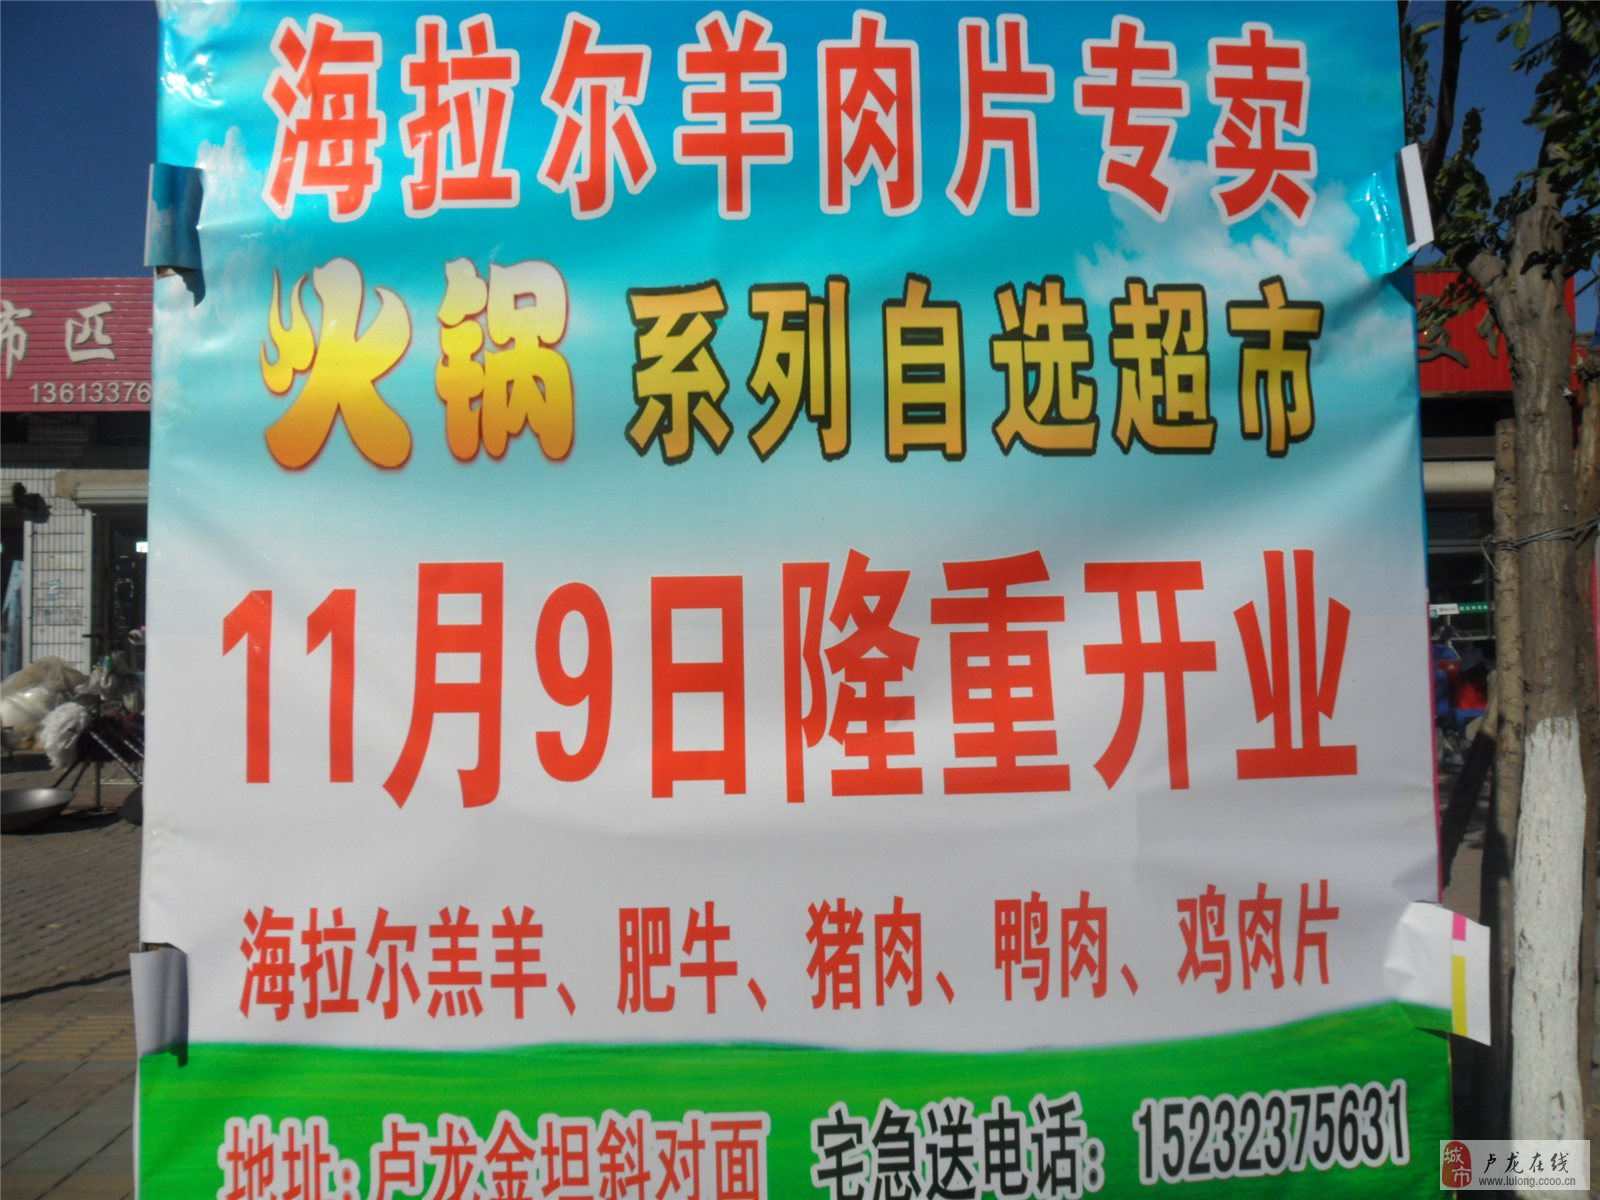 海拉尔羊肉片专卖,火锅系列自选超市11月9日隆重开业